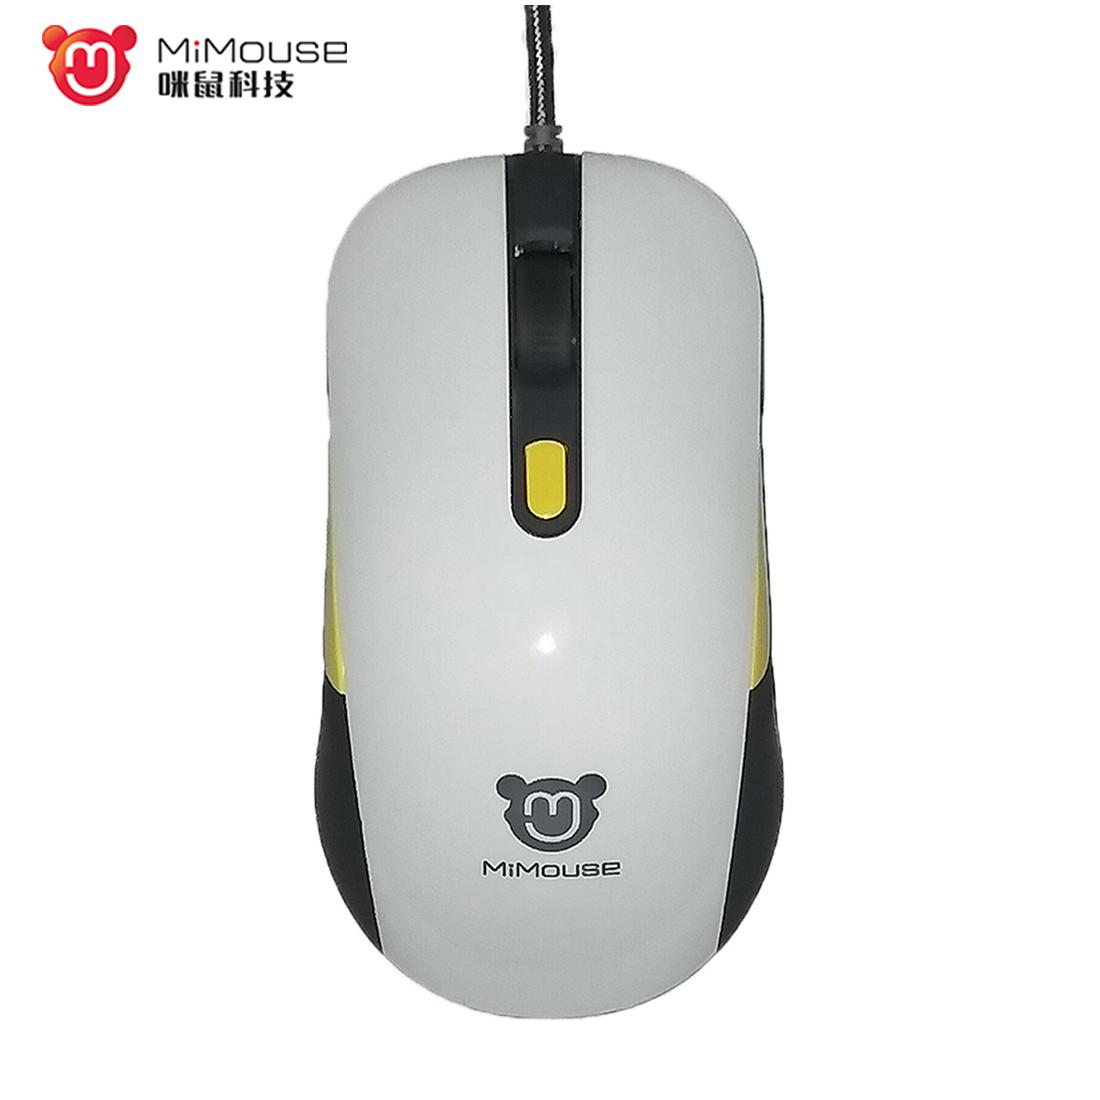 科大讯飞 咪鼠智能语音鼠标商务有线台式电脑笔记本语音输入语音搜索控制 橙色